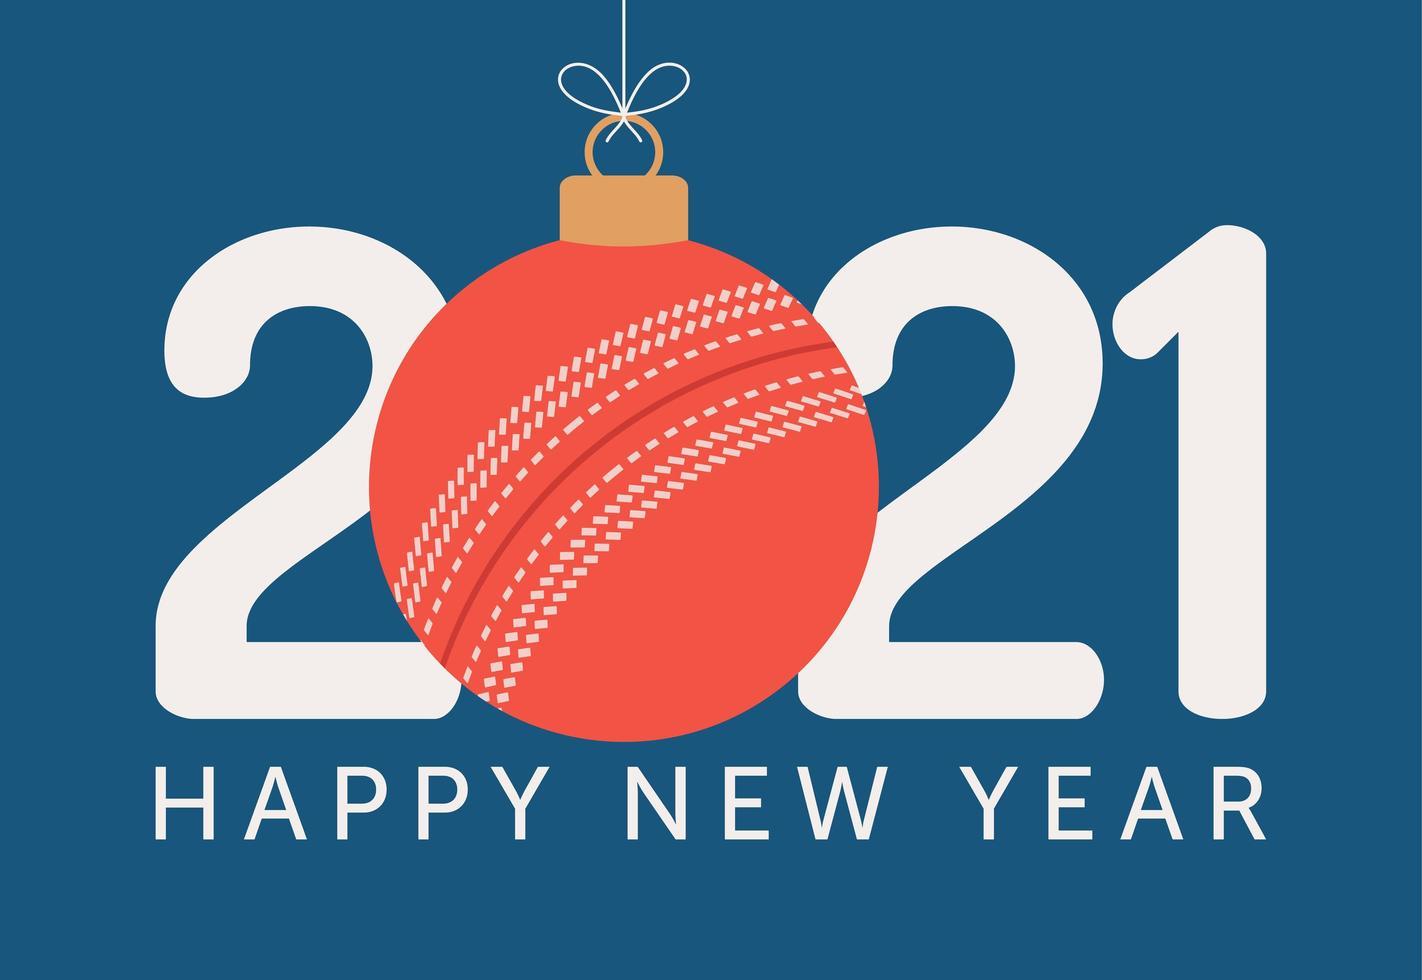 2021 Gelukkig Nieuwjaar typografie met cricket bal ornament vector